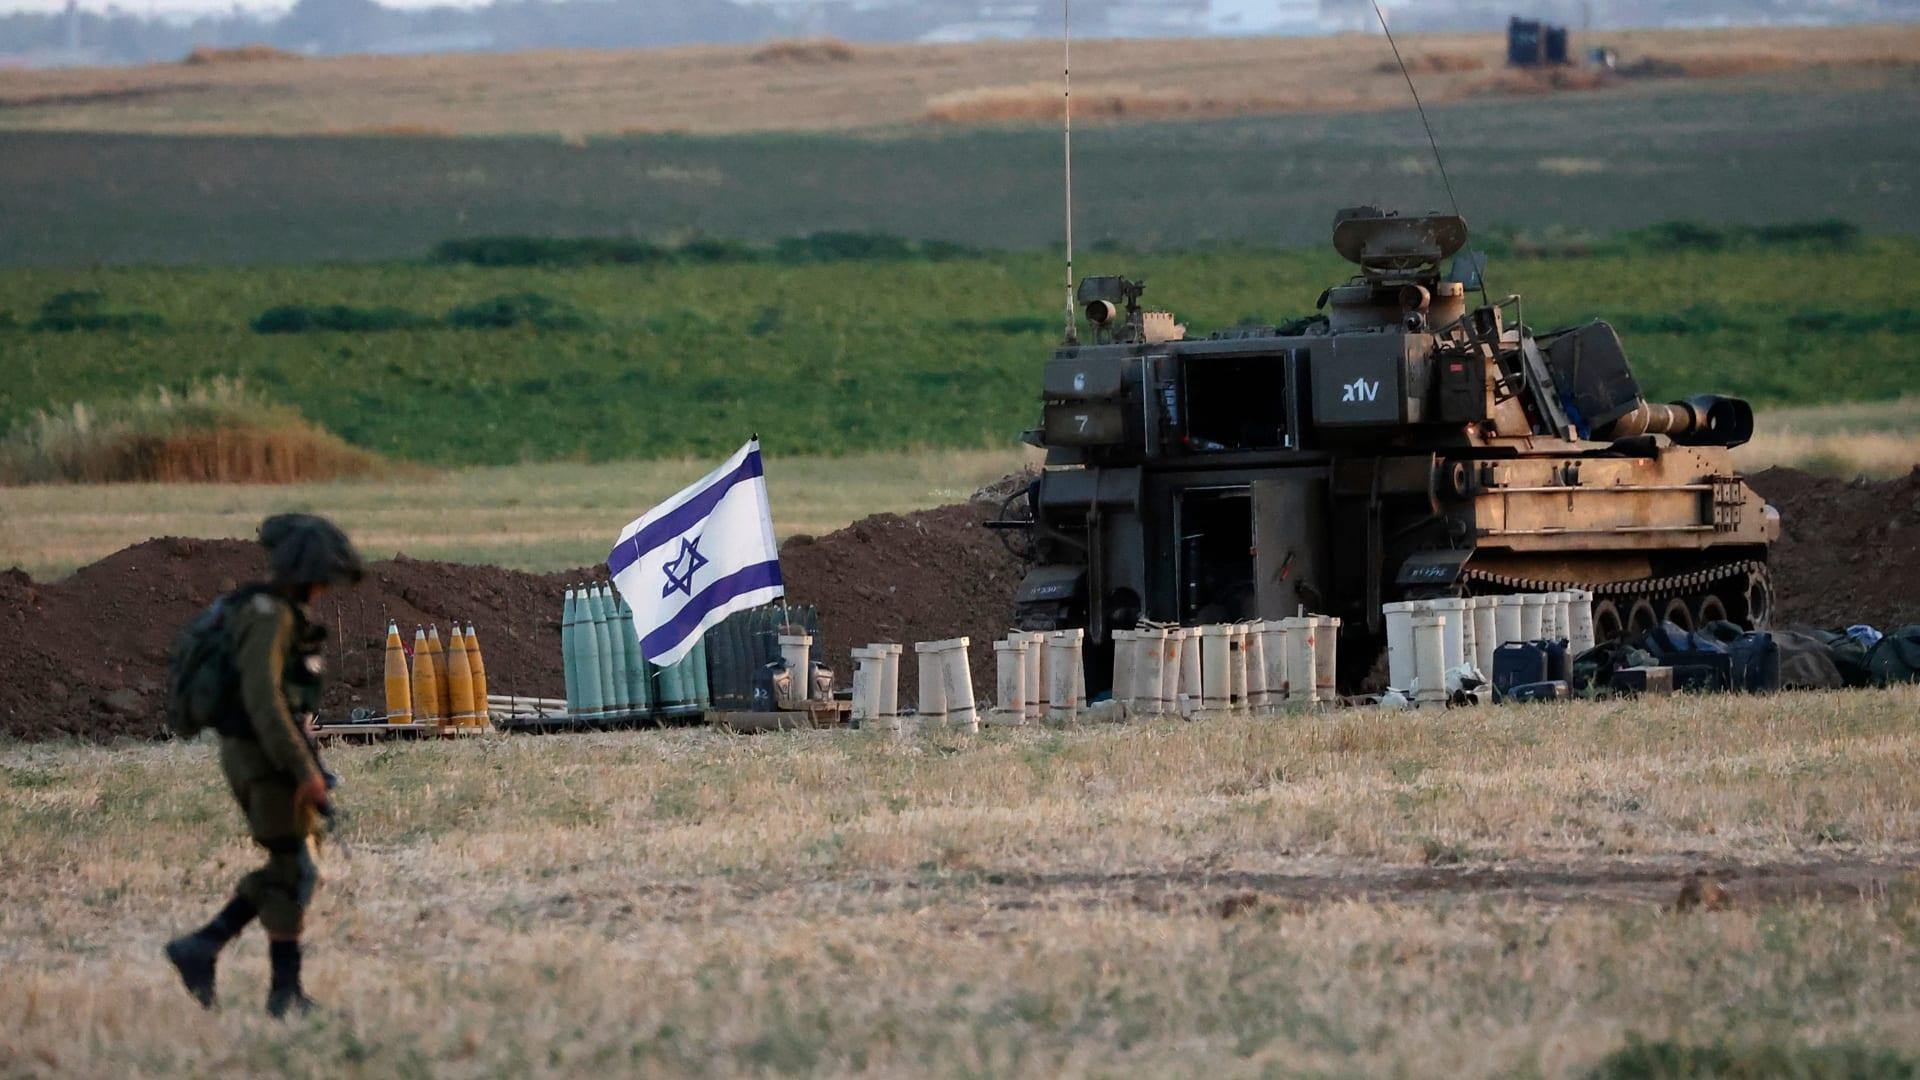 دبابة إسرائيلية قرب قطاع غزة